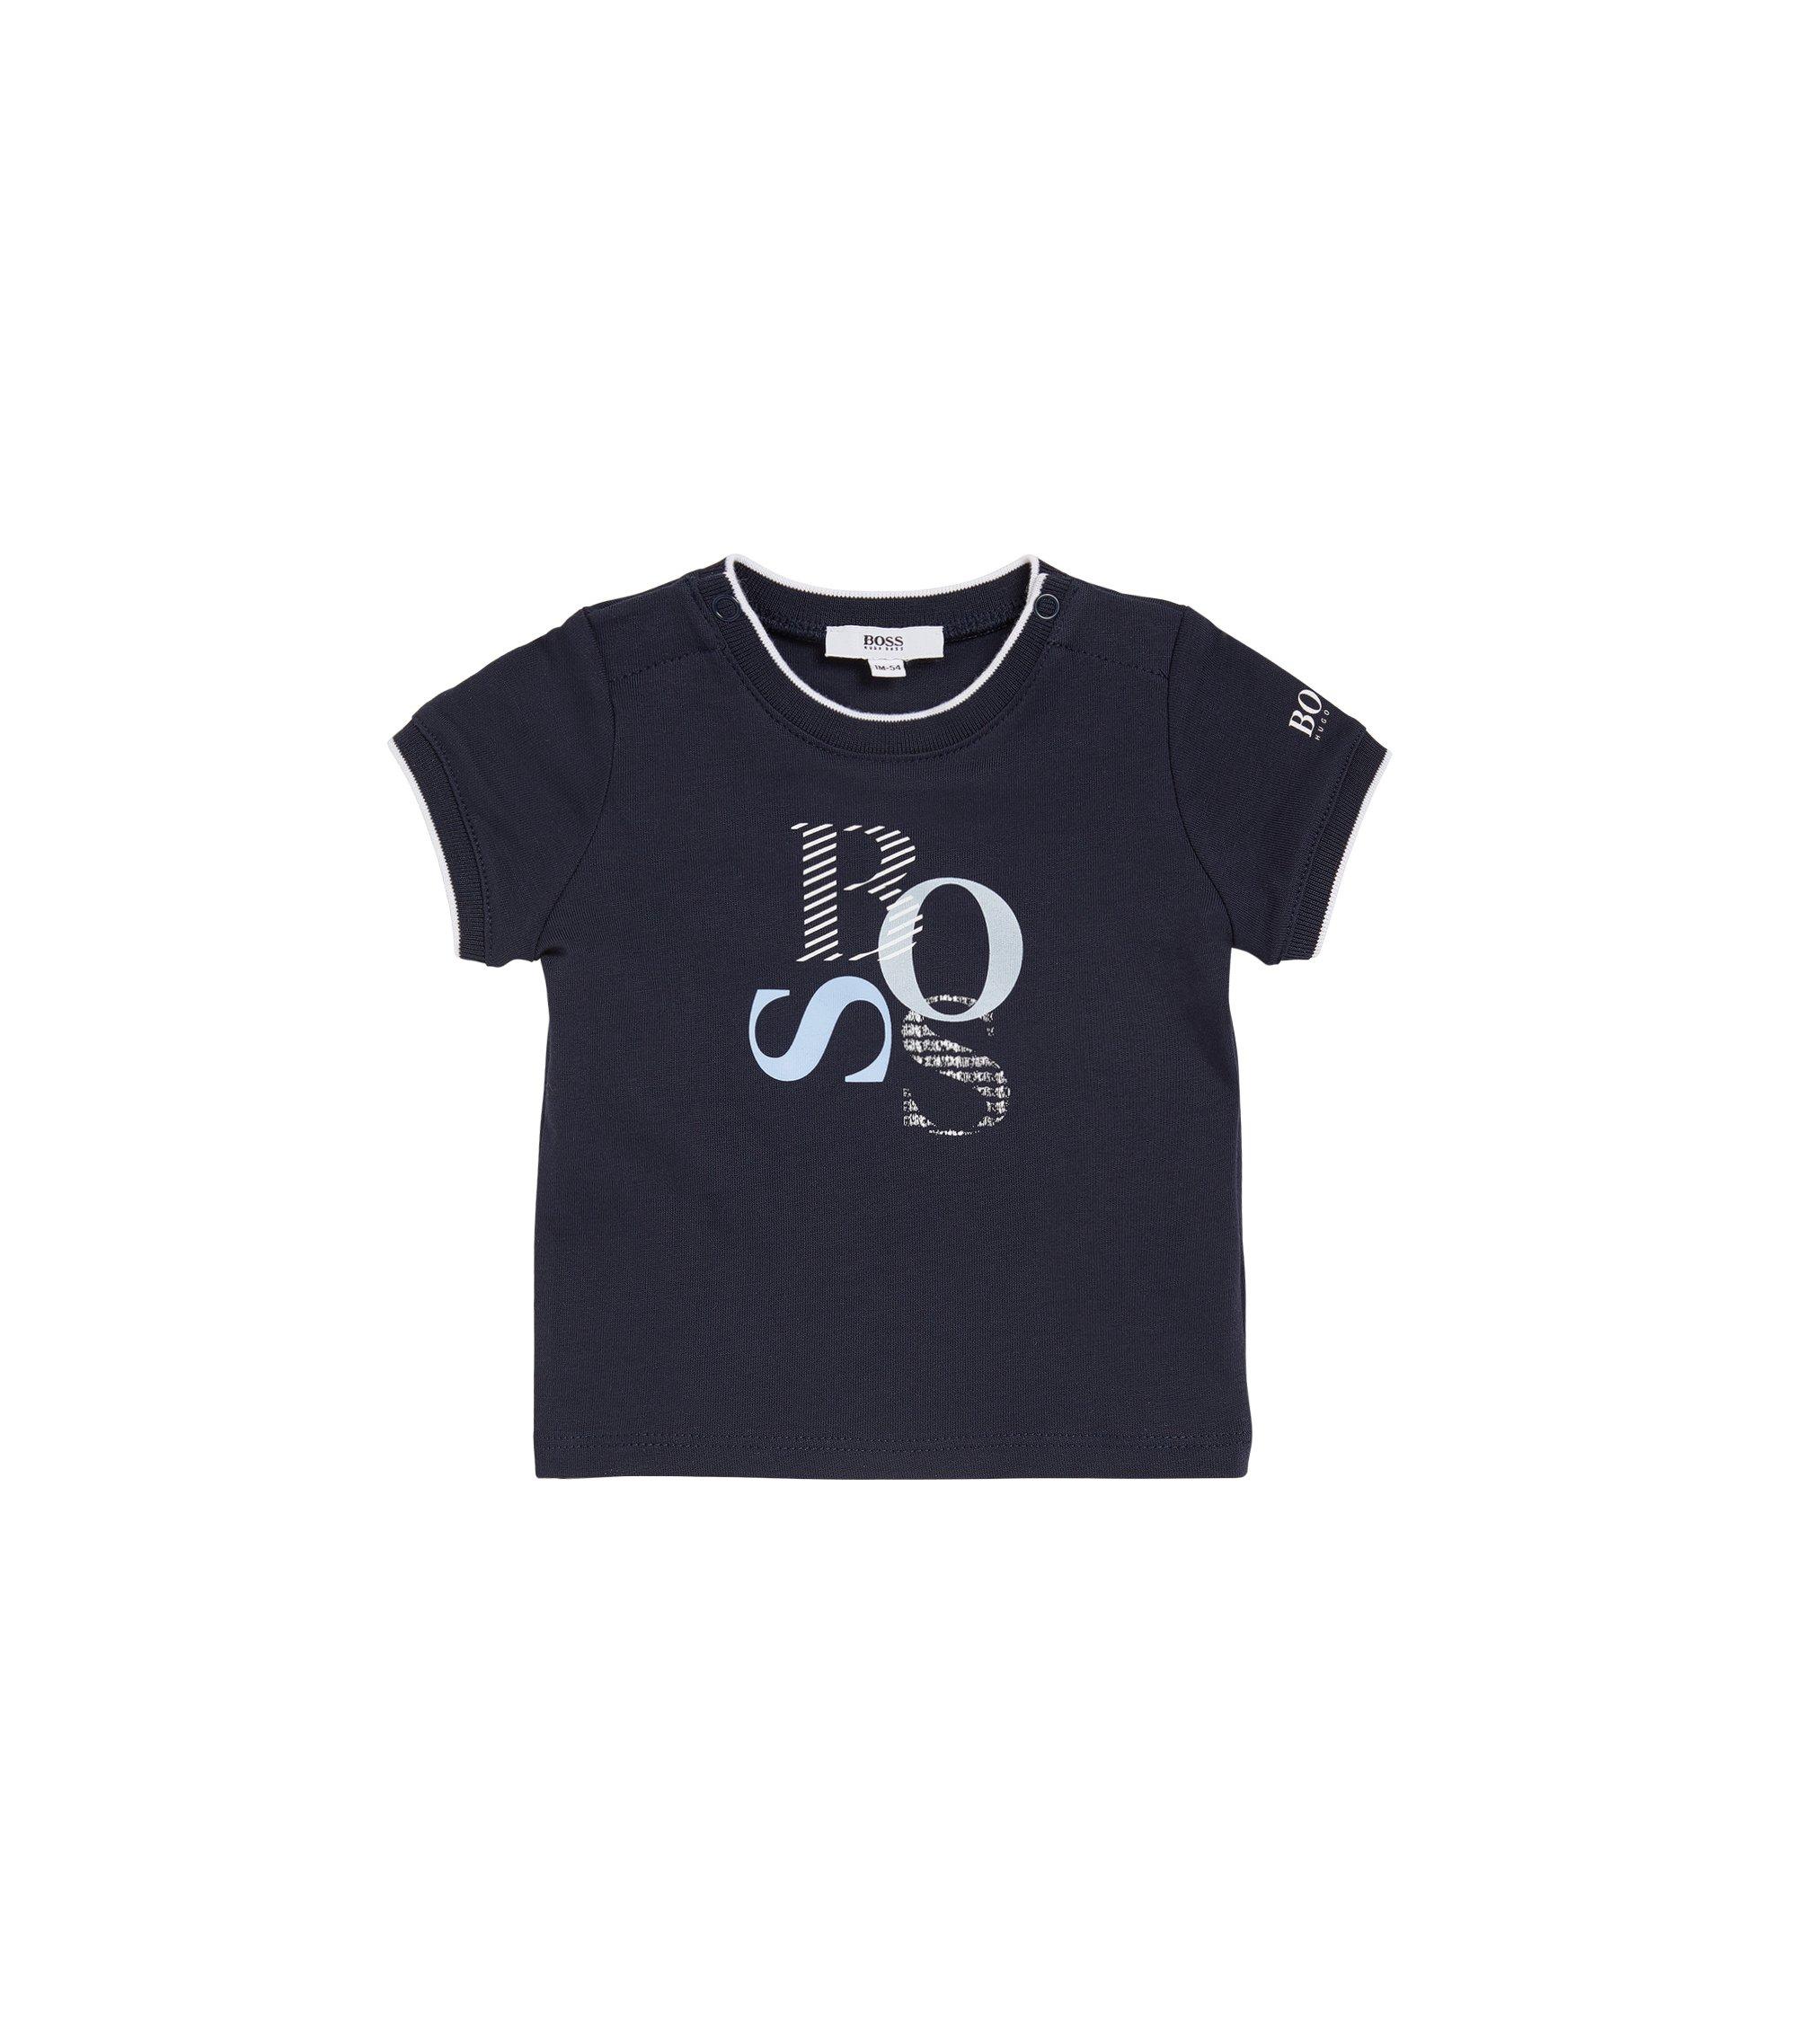 T-shirt Regular Fit en jersey simple, pour bébé, Bleu foncé